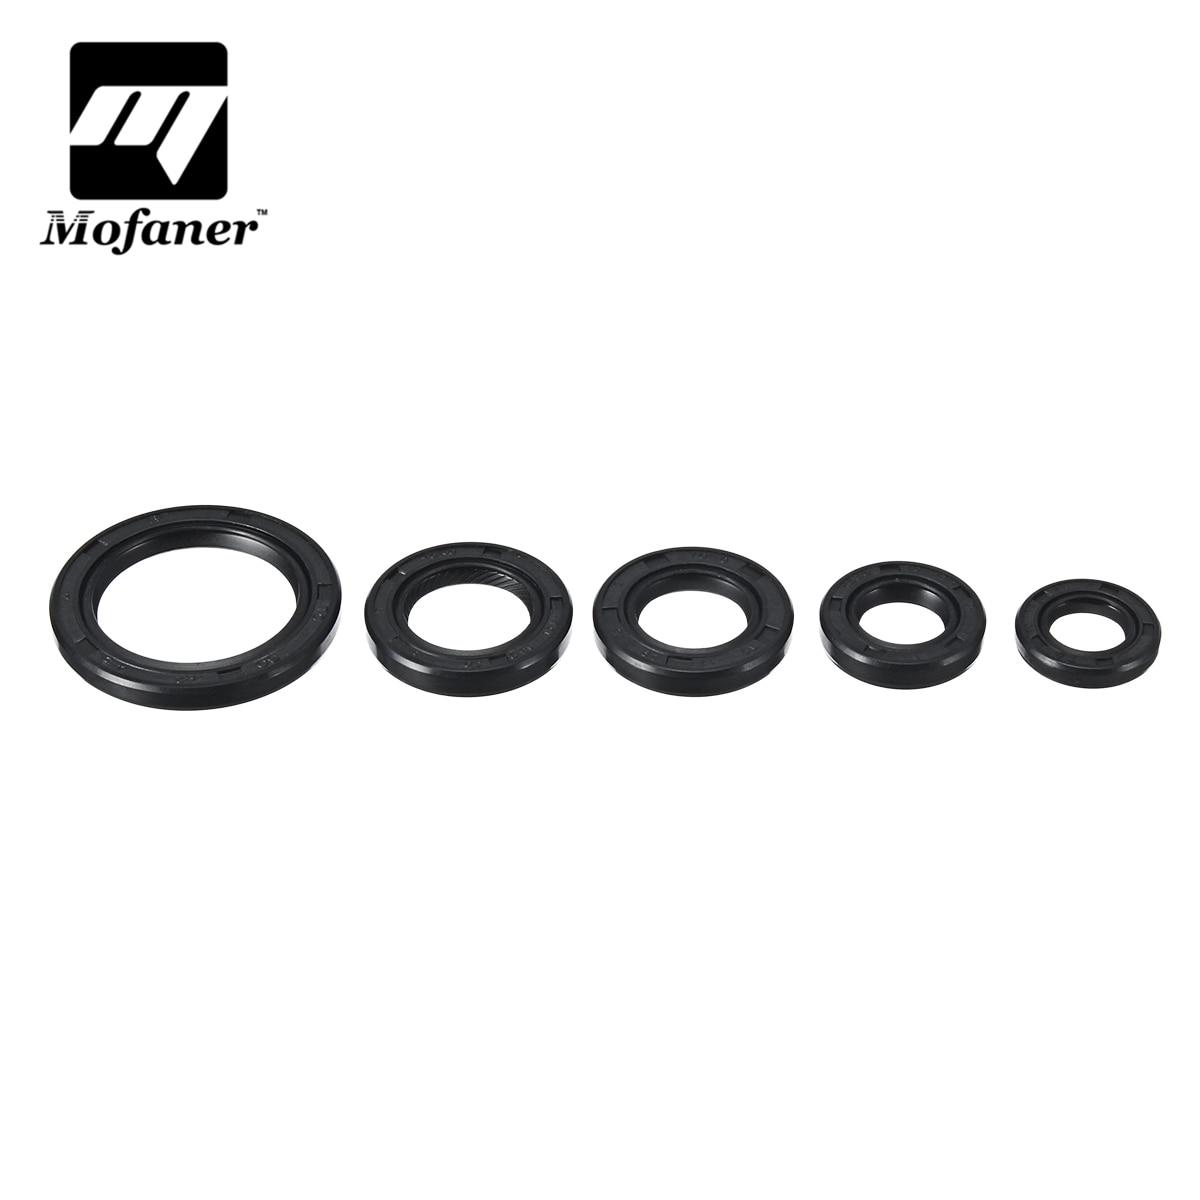 110cc Cylinder /& Gaskets 52.4mm Piston Pin Ring Kit for ATV Go Kart Dirt Bike E3